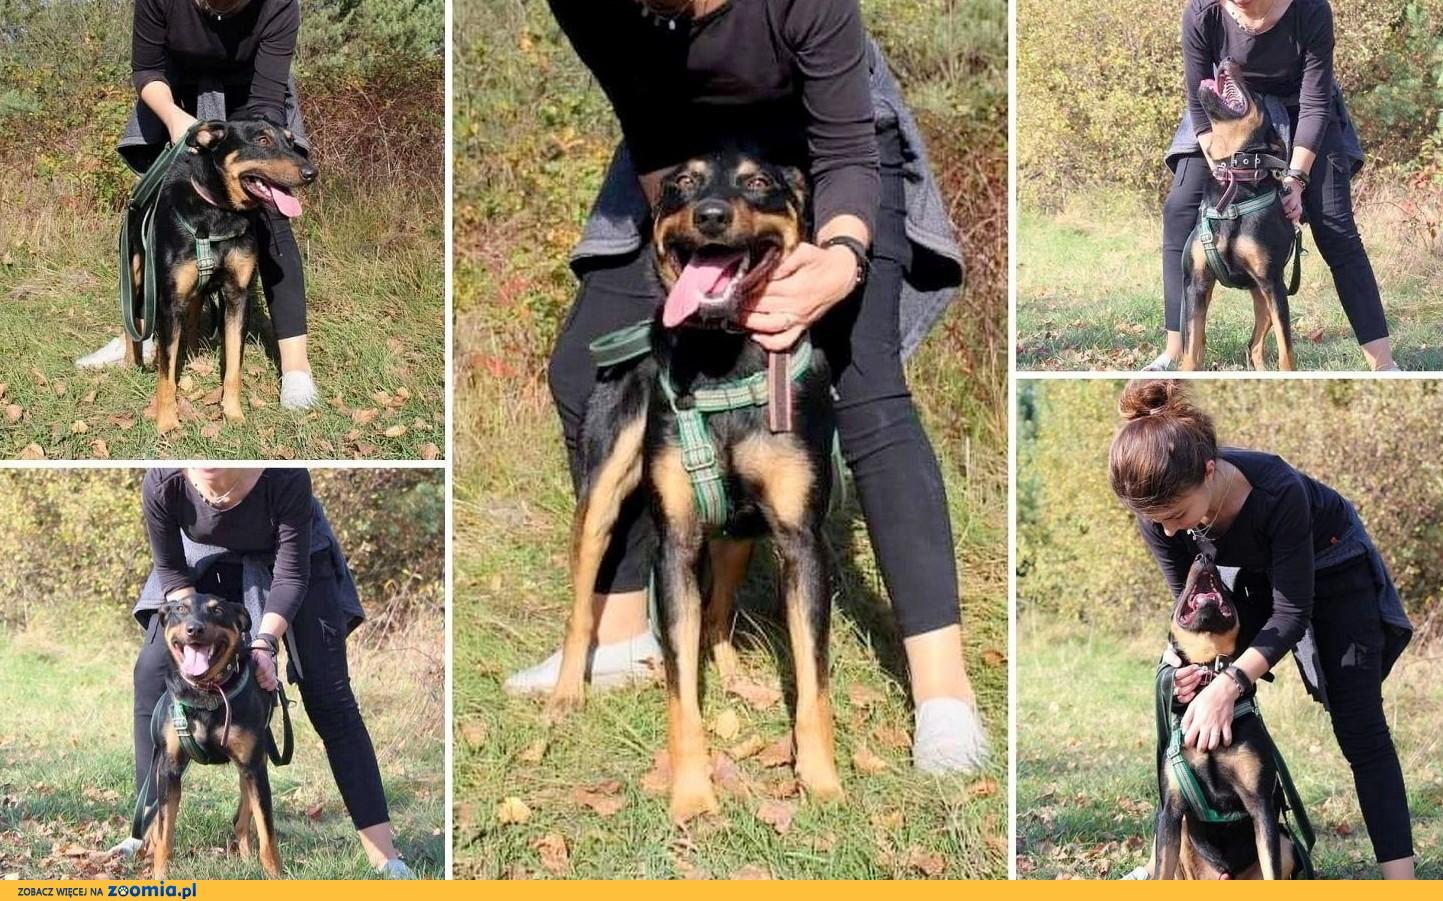 Cześć. Jestem WALDEK, mega fajny, radosny, młodziutki, energiczny pies.